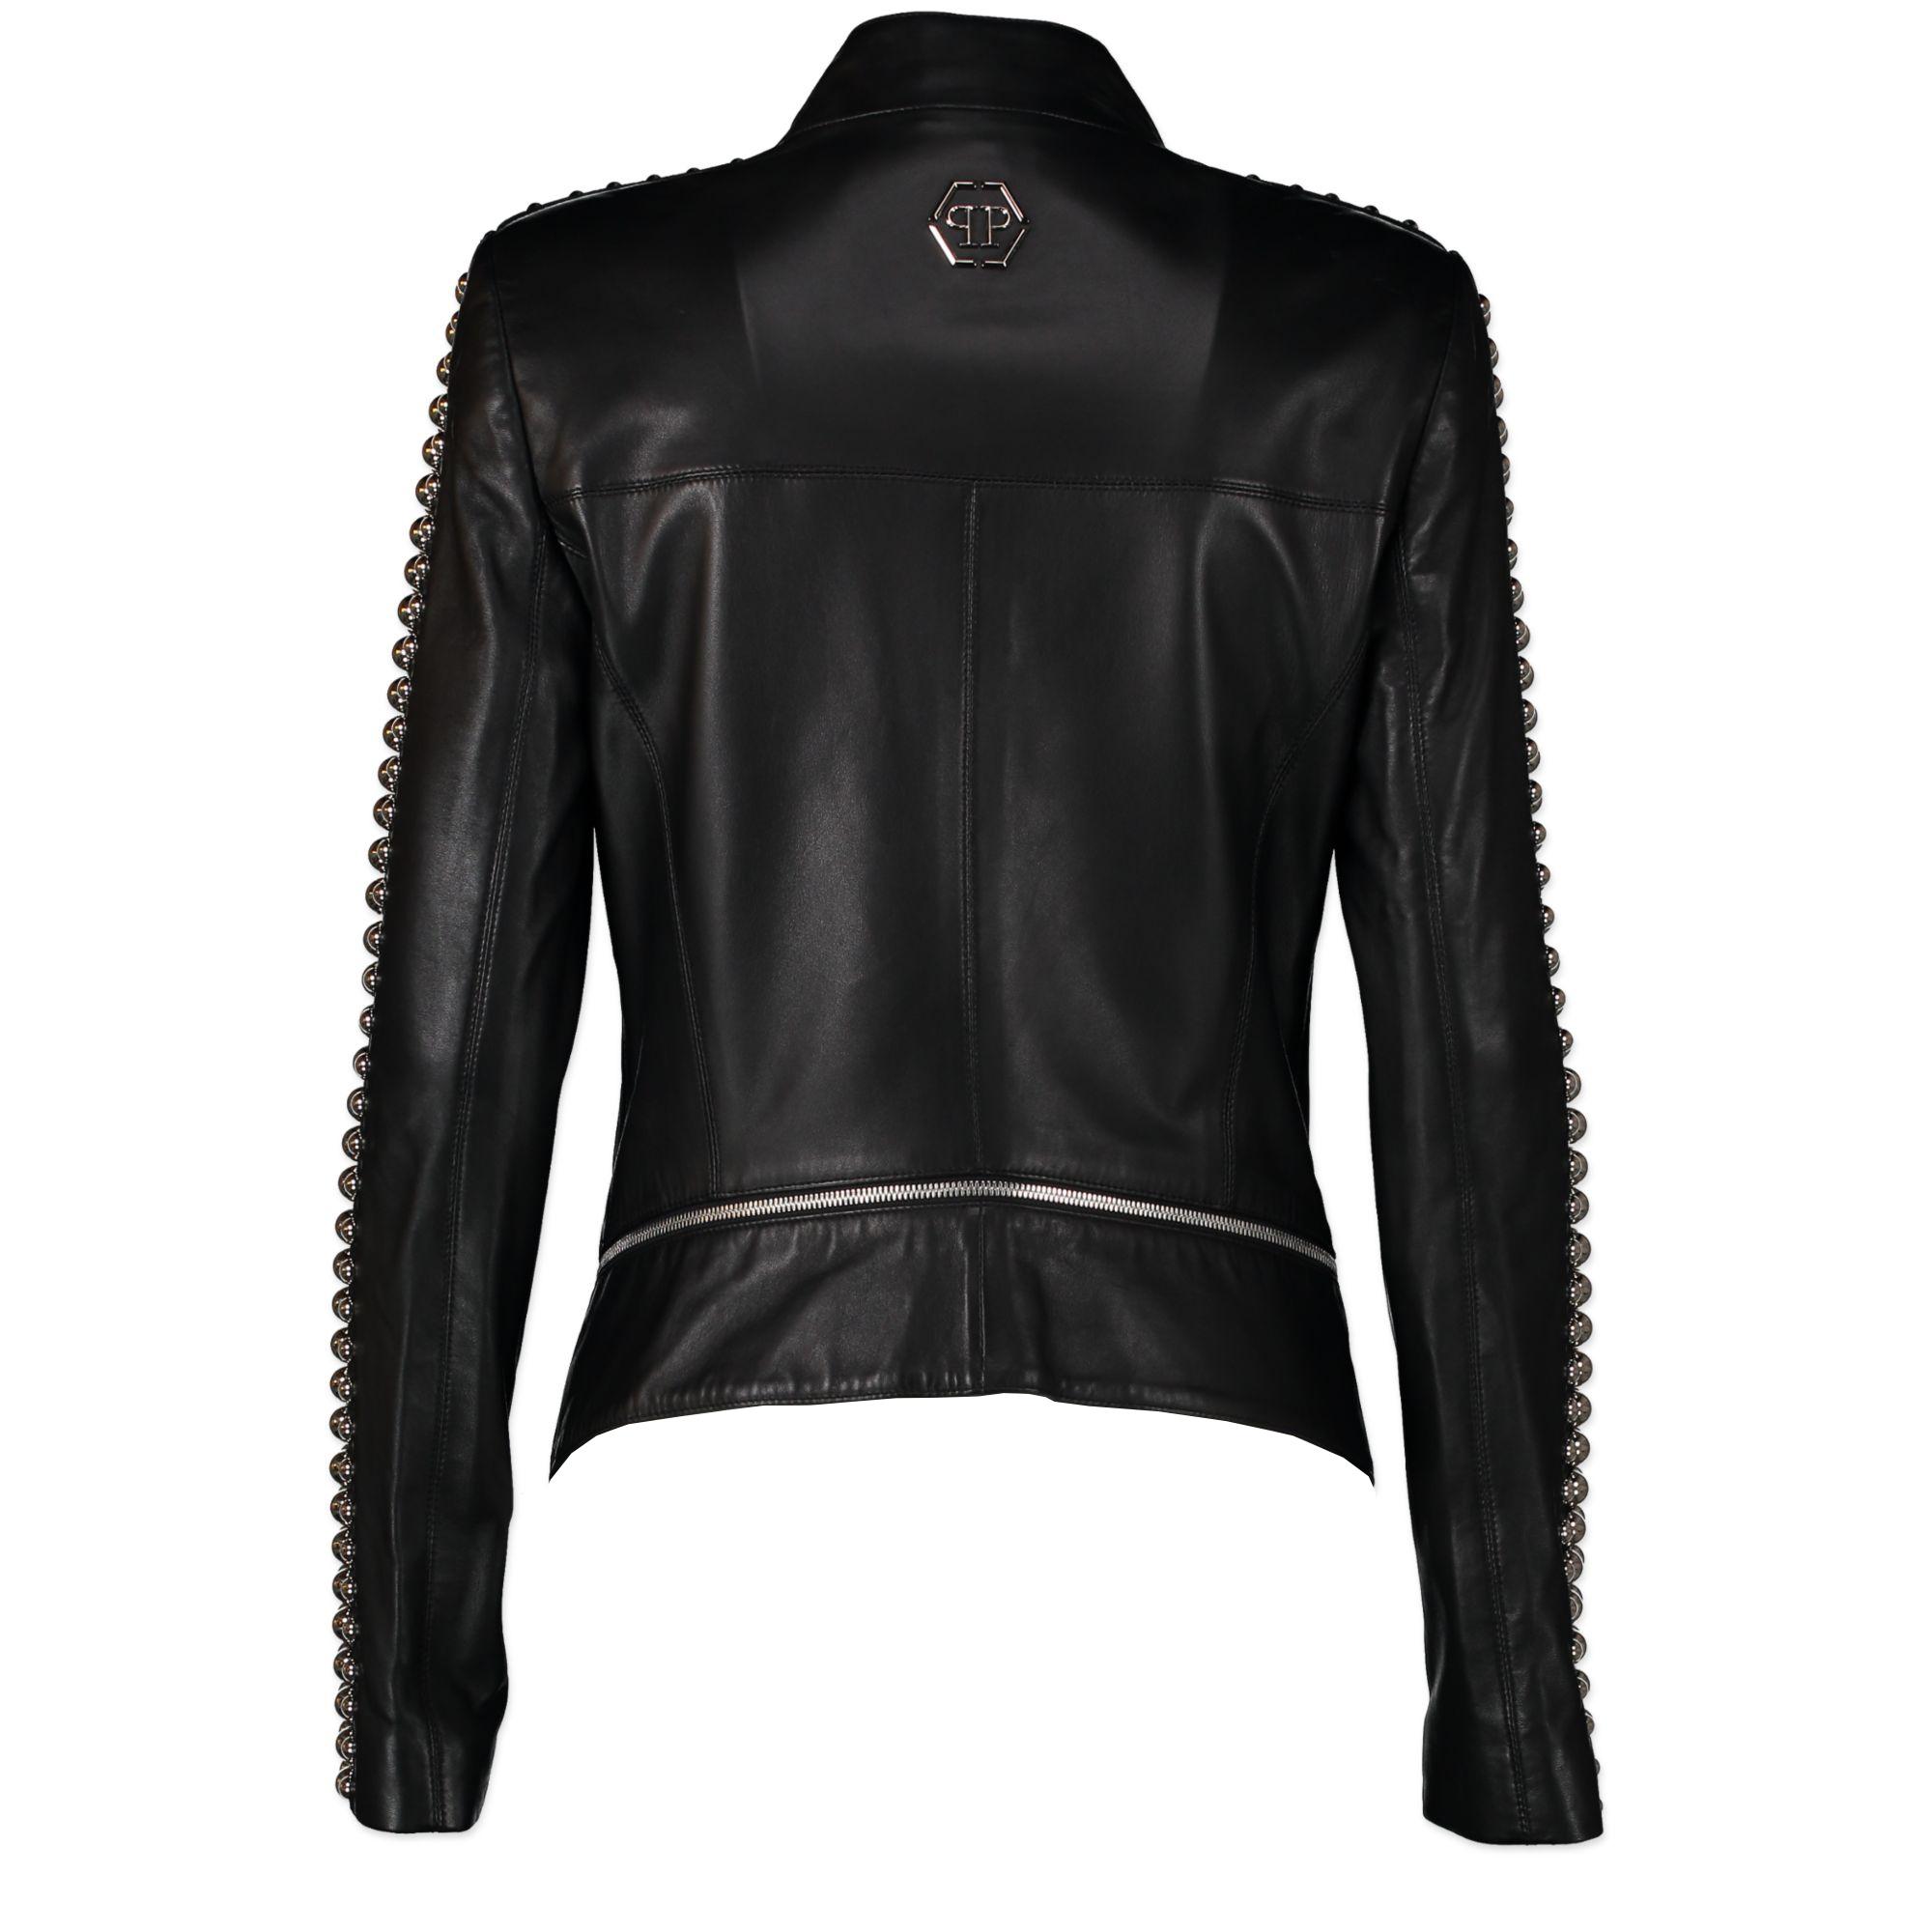 Authentique seconde-main vintage Phillip Plein Leather Jacket With Studs - Size M achète en ligne webshop LabelLOV